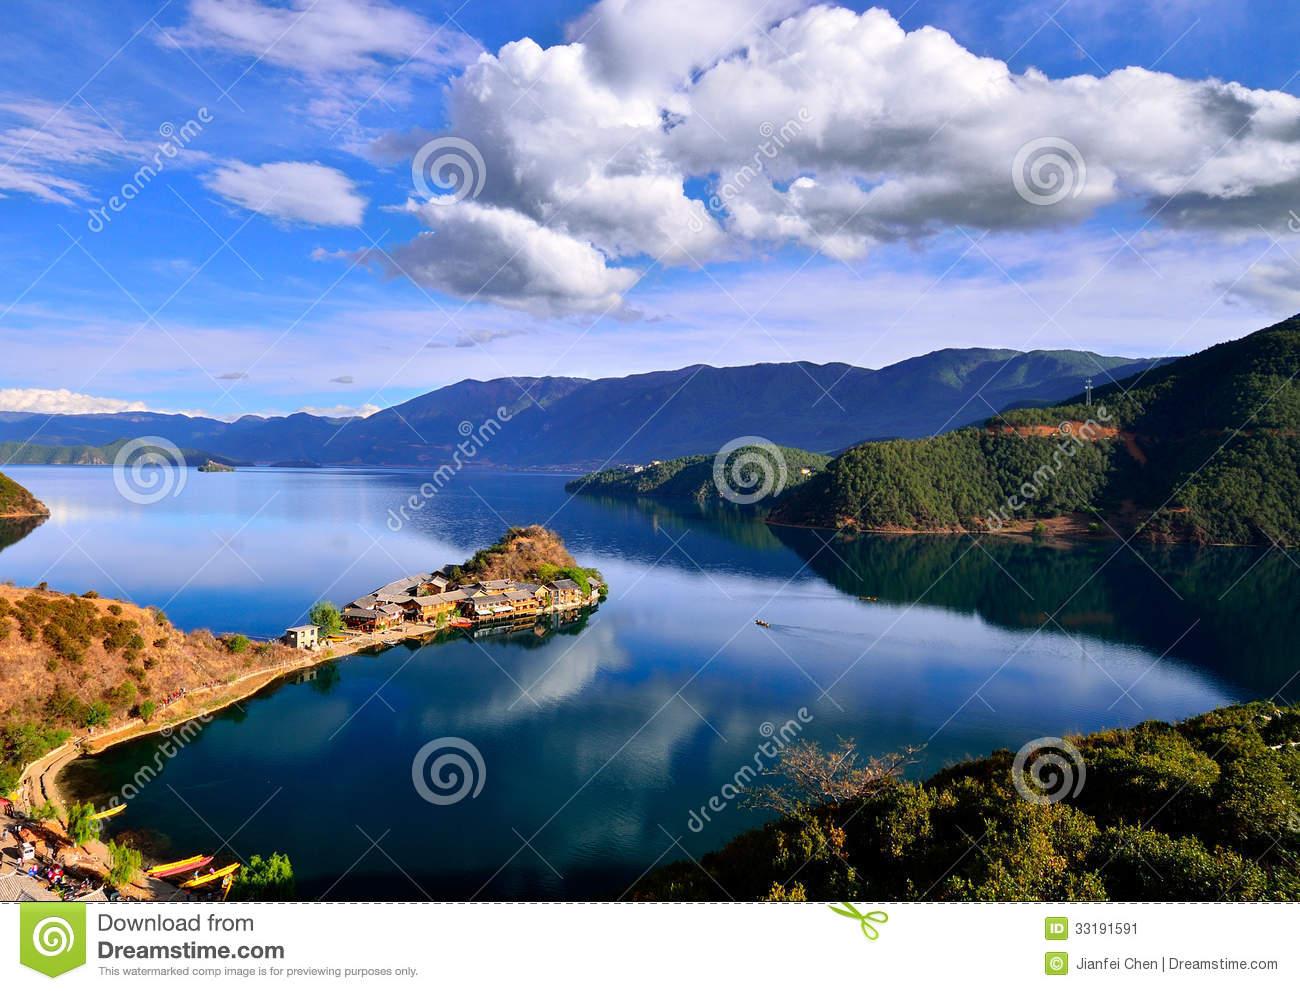 The Enchanting Scenery Of Lugu Lake Stock Image.